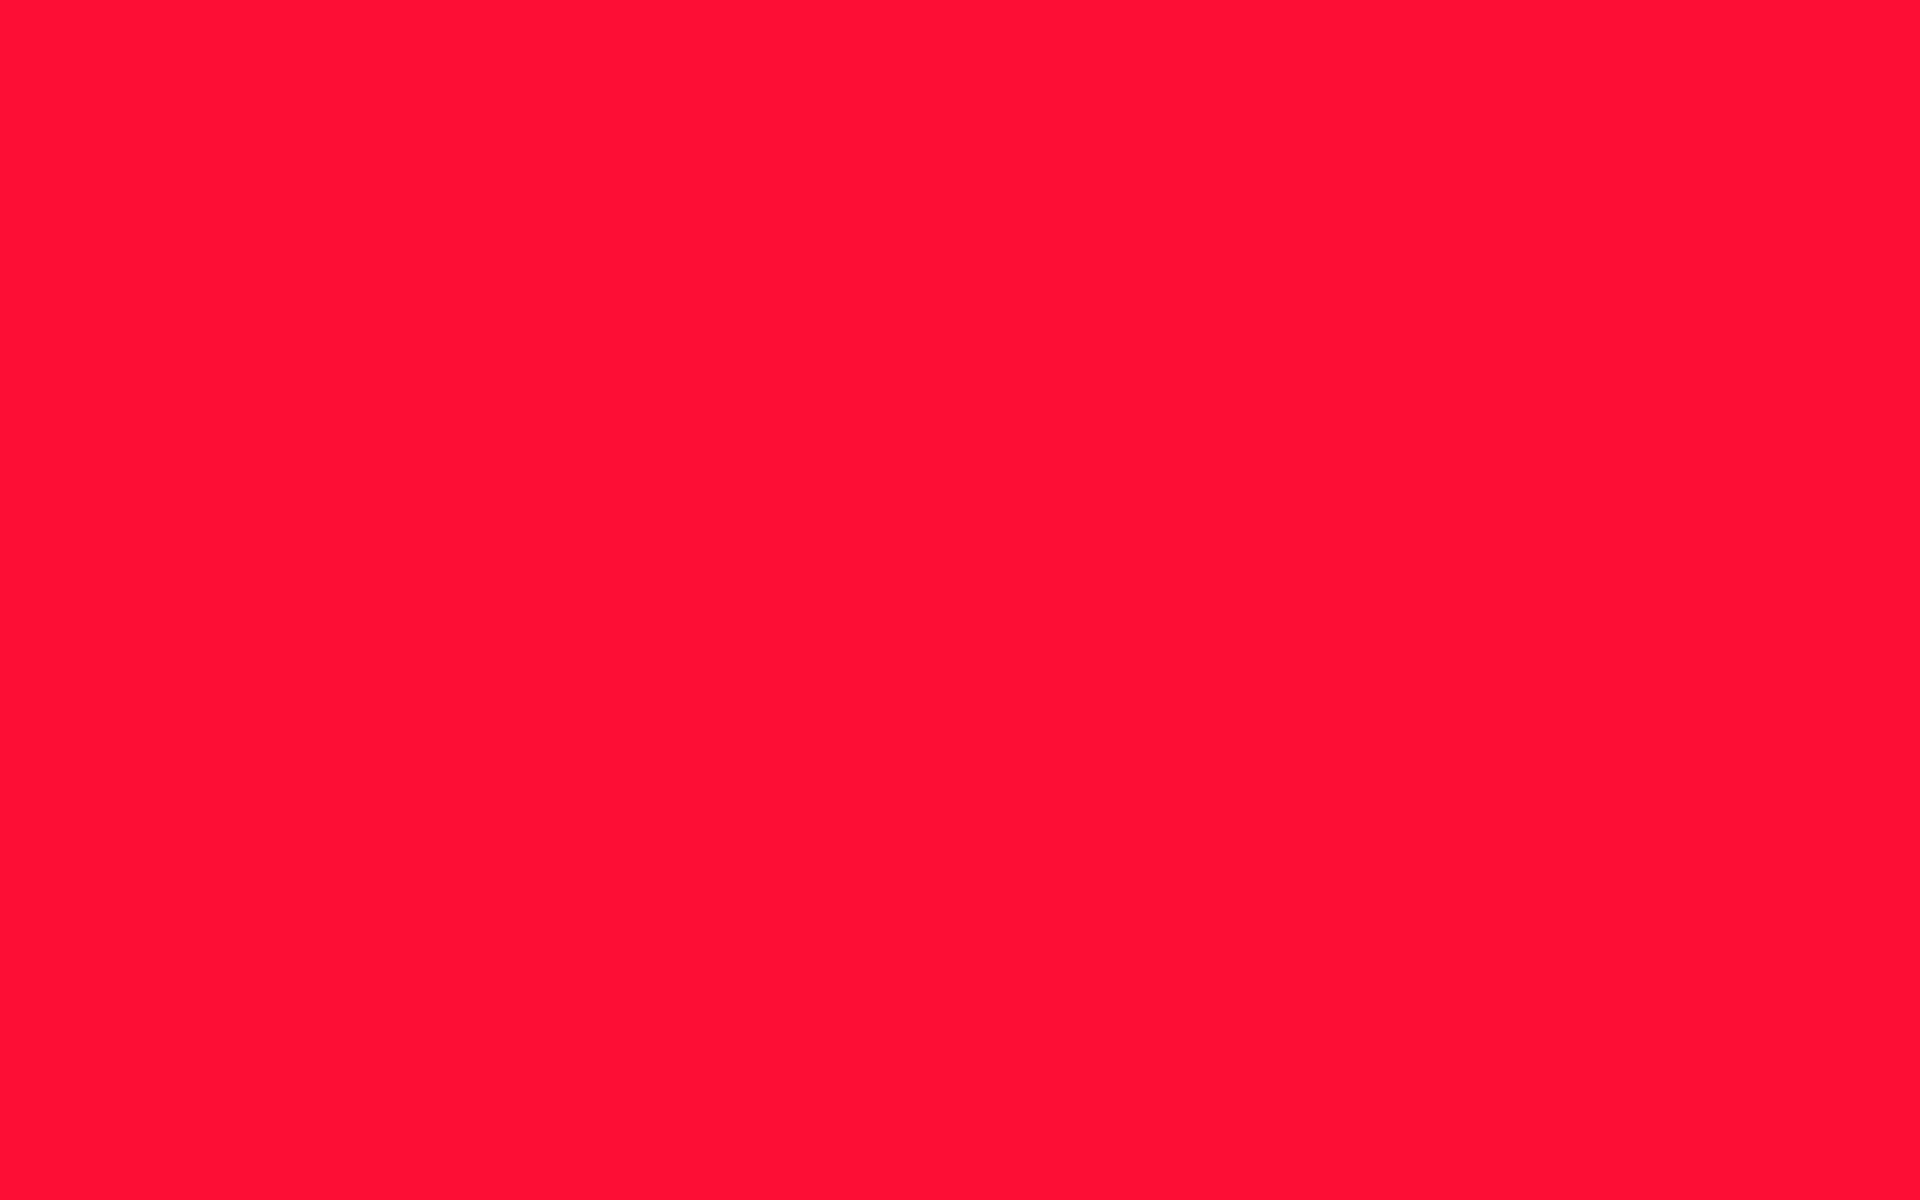 1920x1200 Scarlet Crayola Solid Color Background